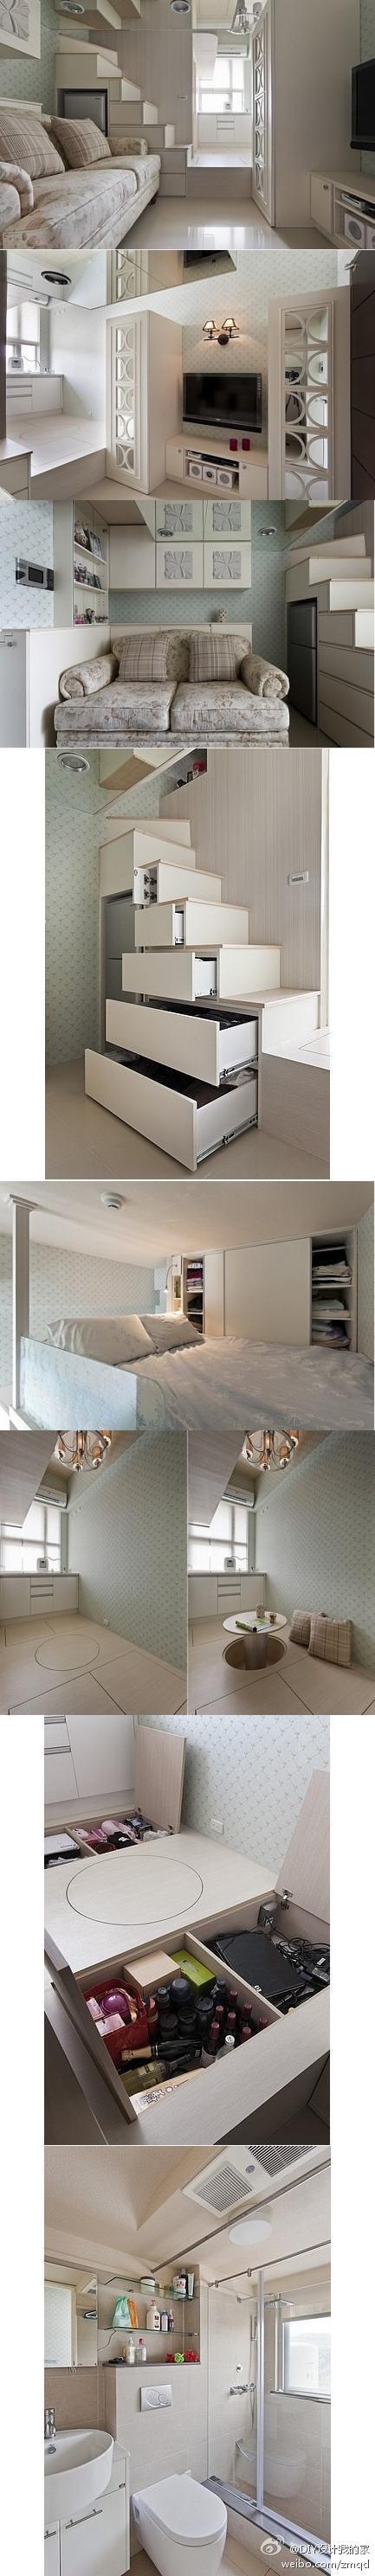 17平米如何做到两室一厅一卫